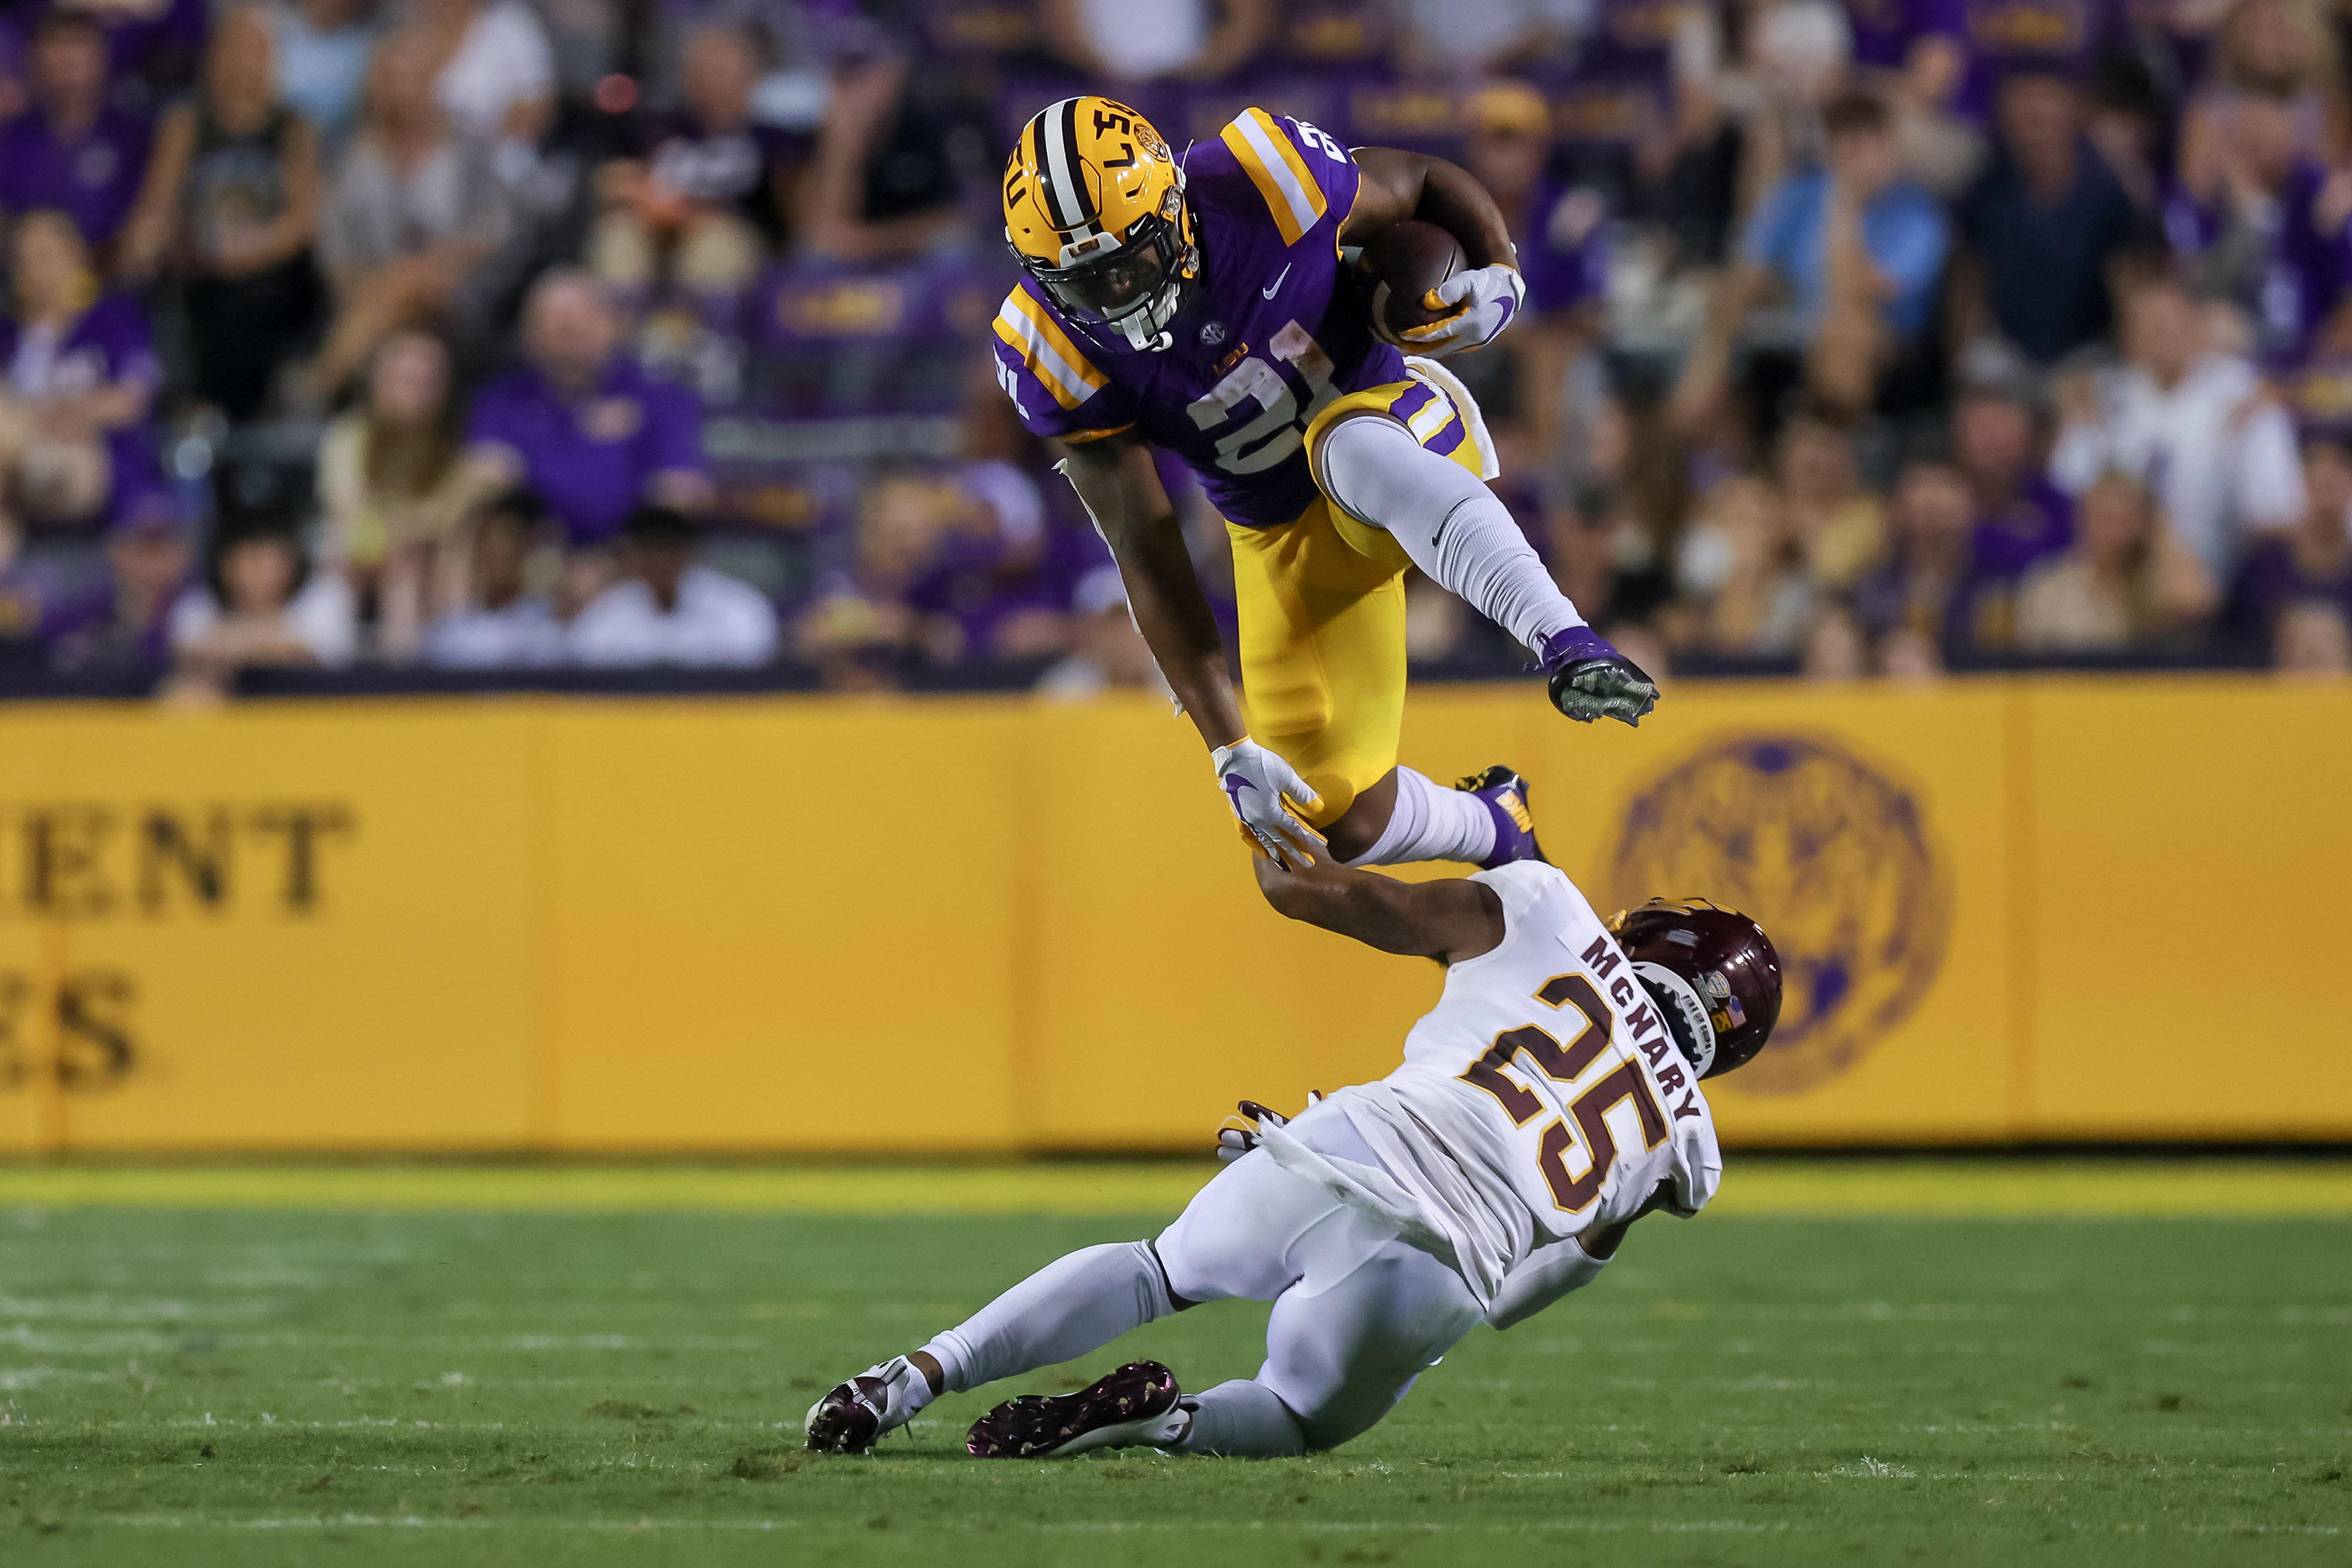 NCAA Football: Central Michigan at Louisiana State